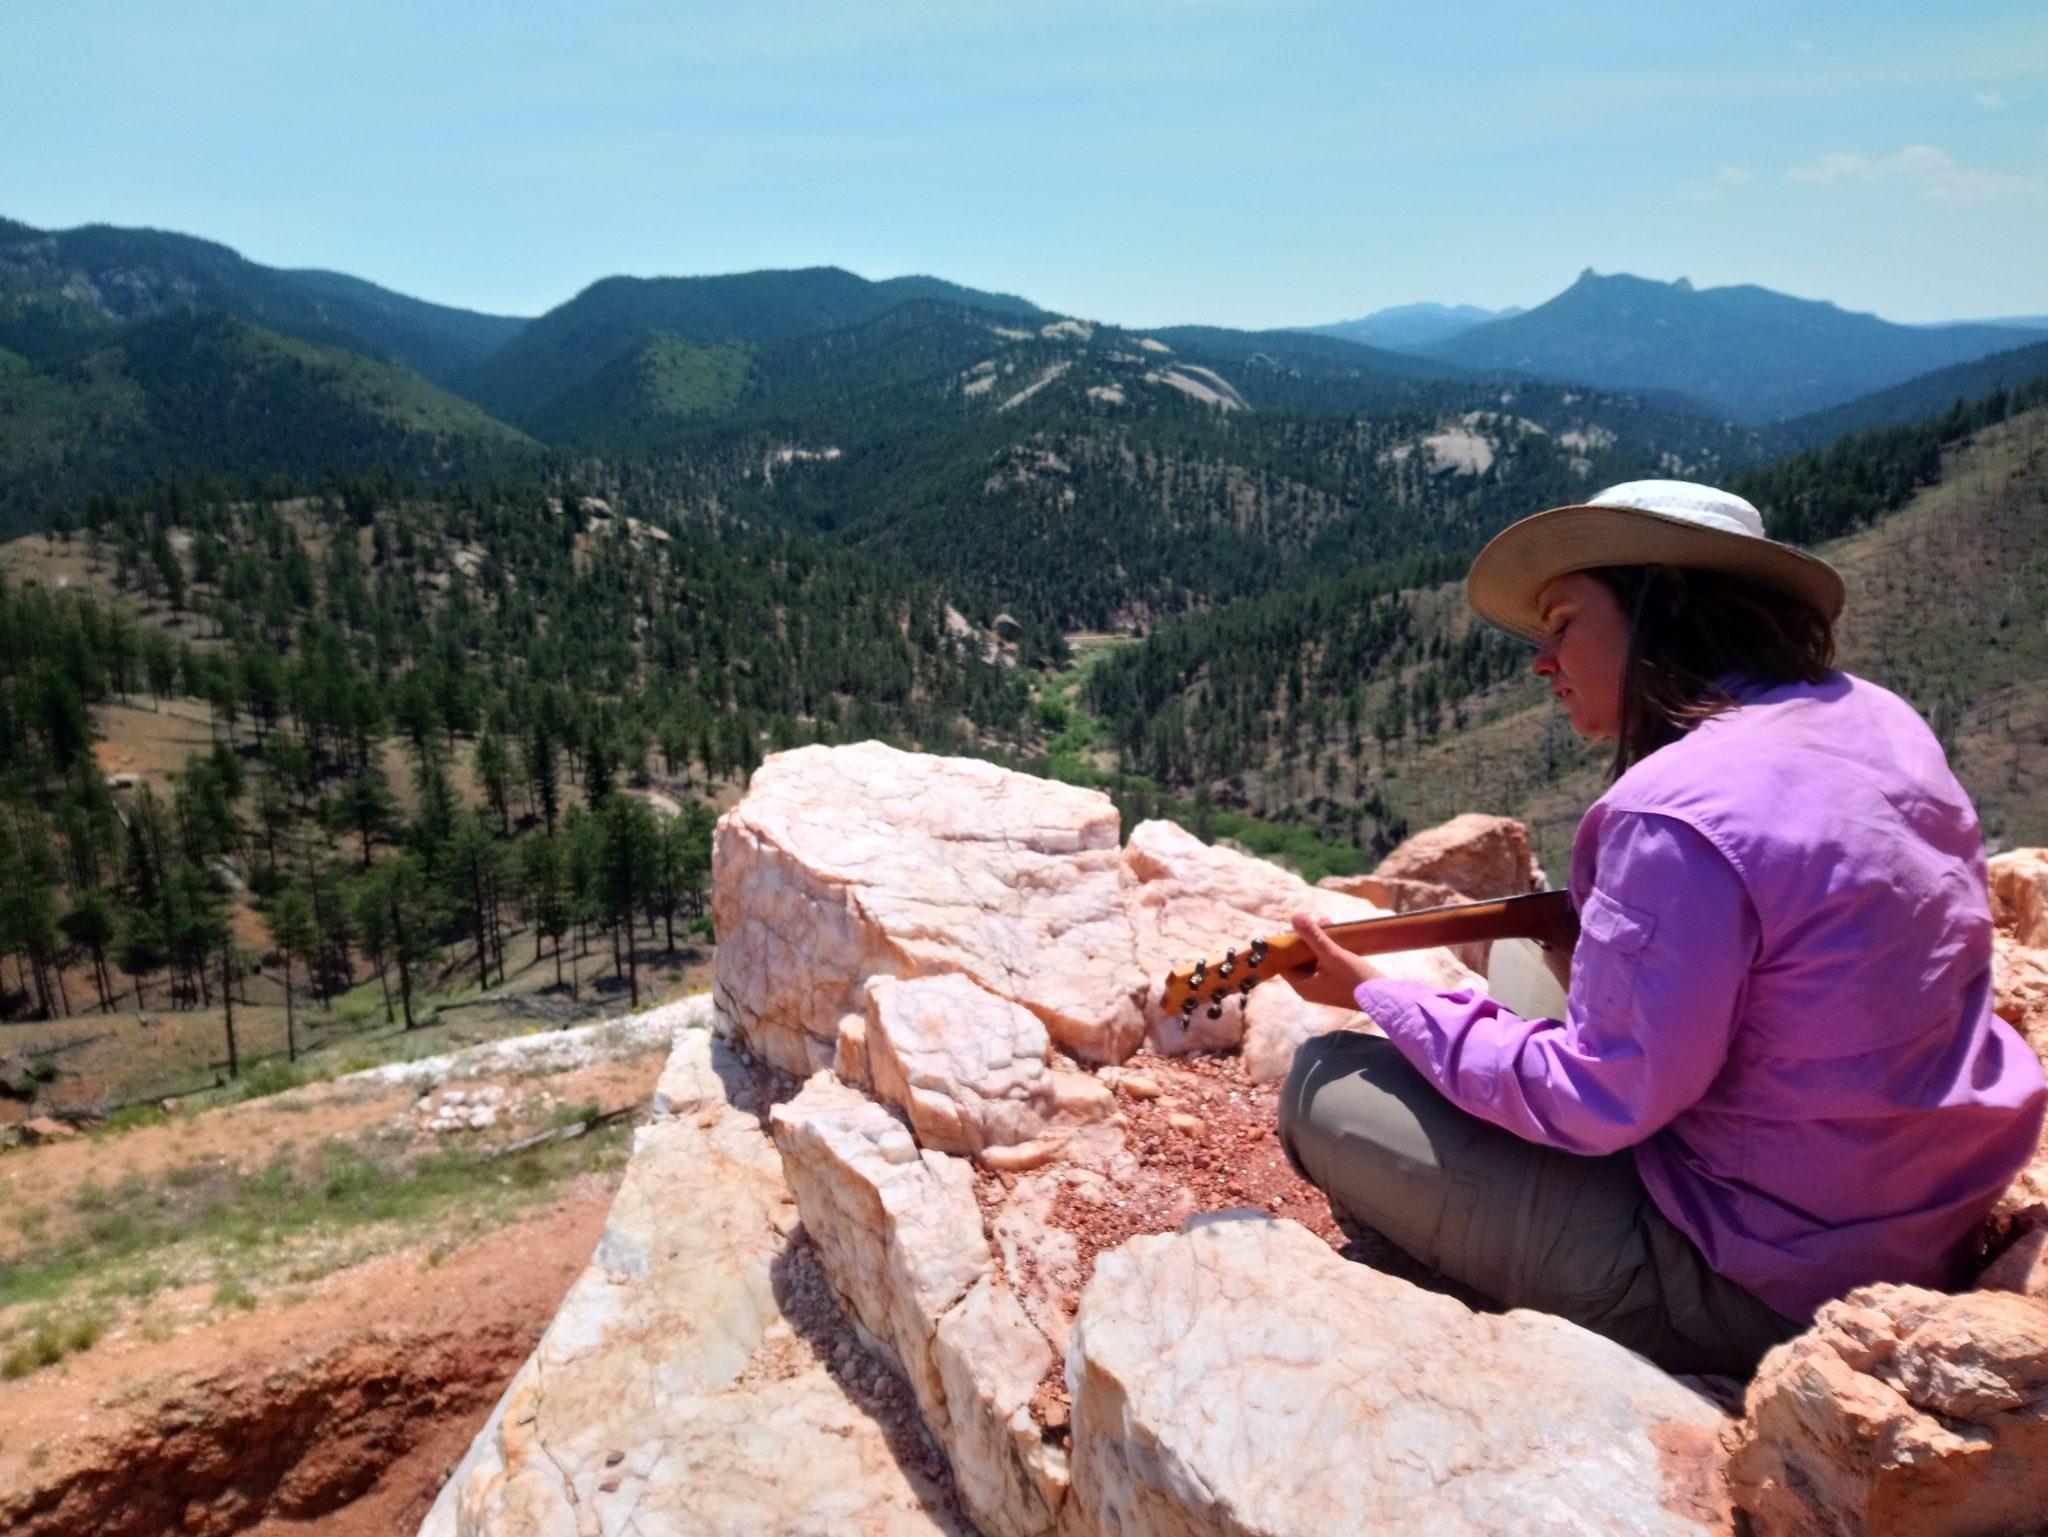 Segment 1, Colorado Trail, Waterton Canyon